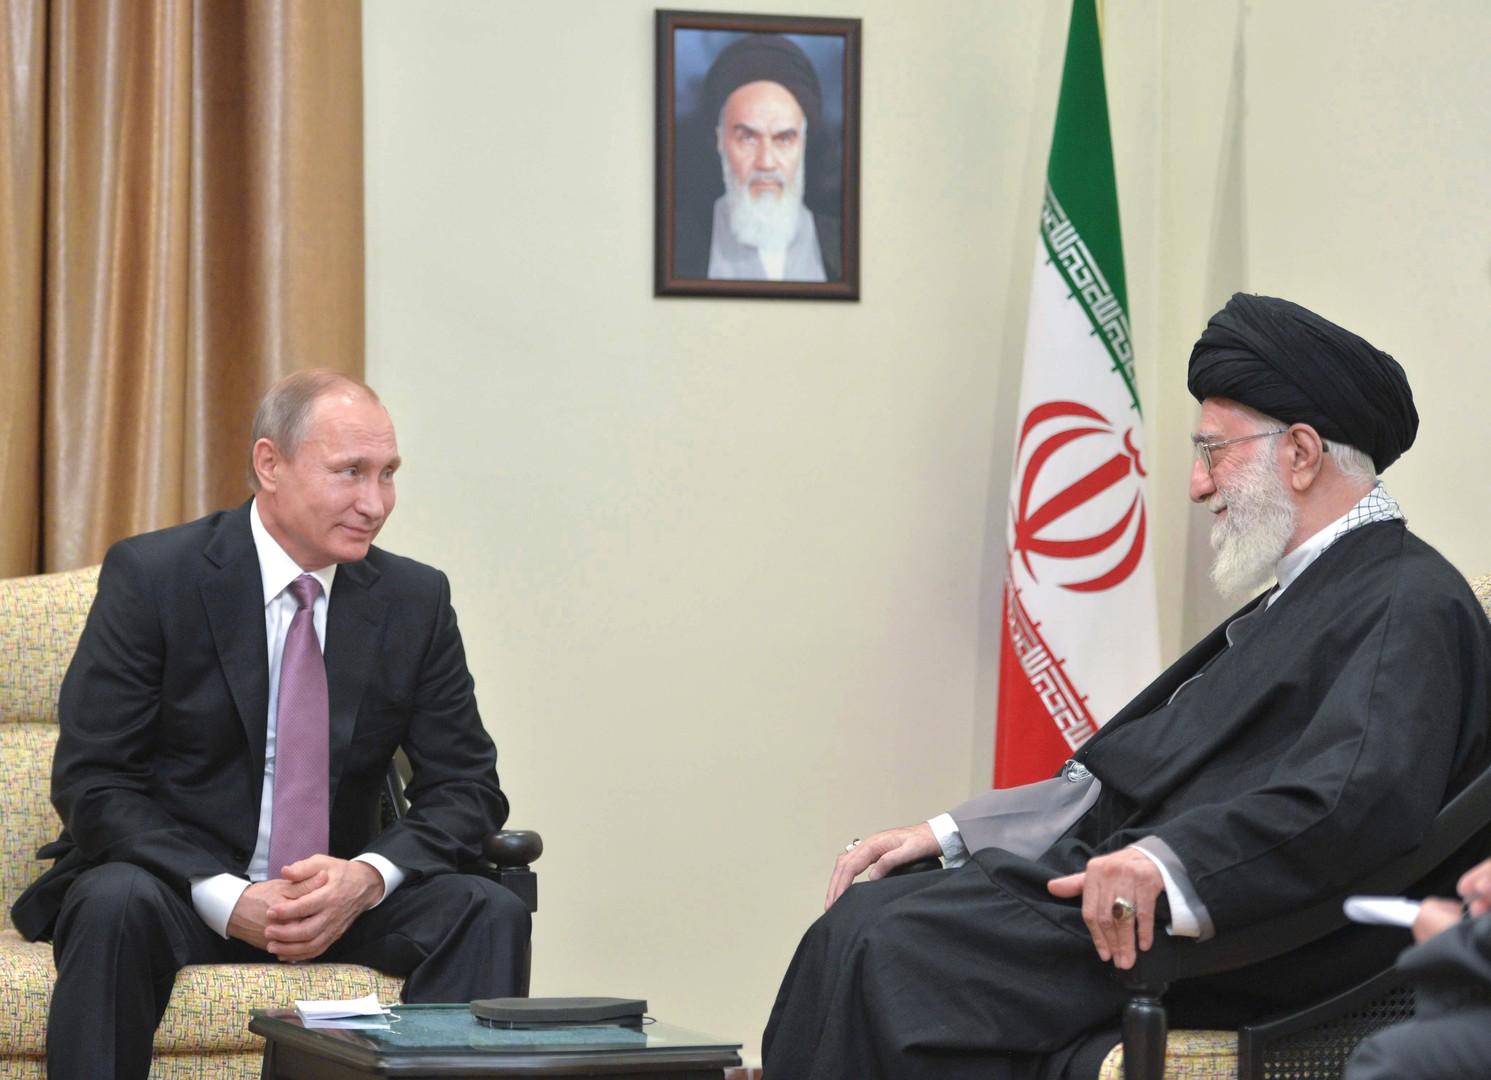 La rencontre enytre Vladimir Poutine et Ali Khamenei